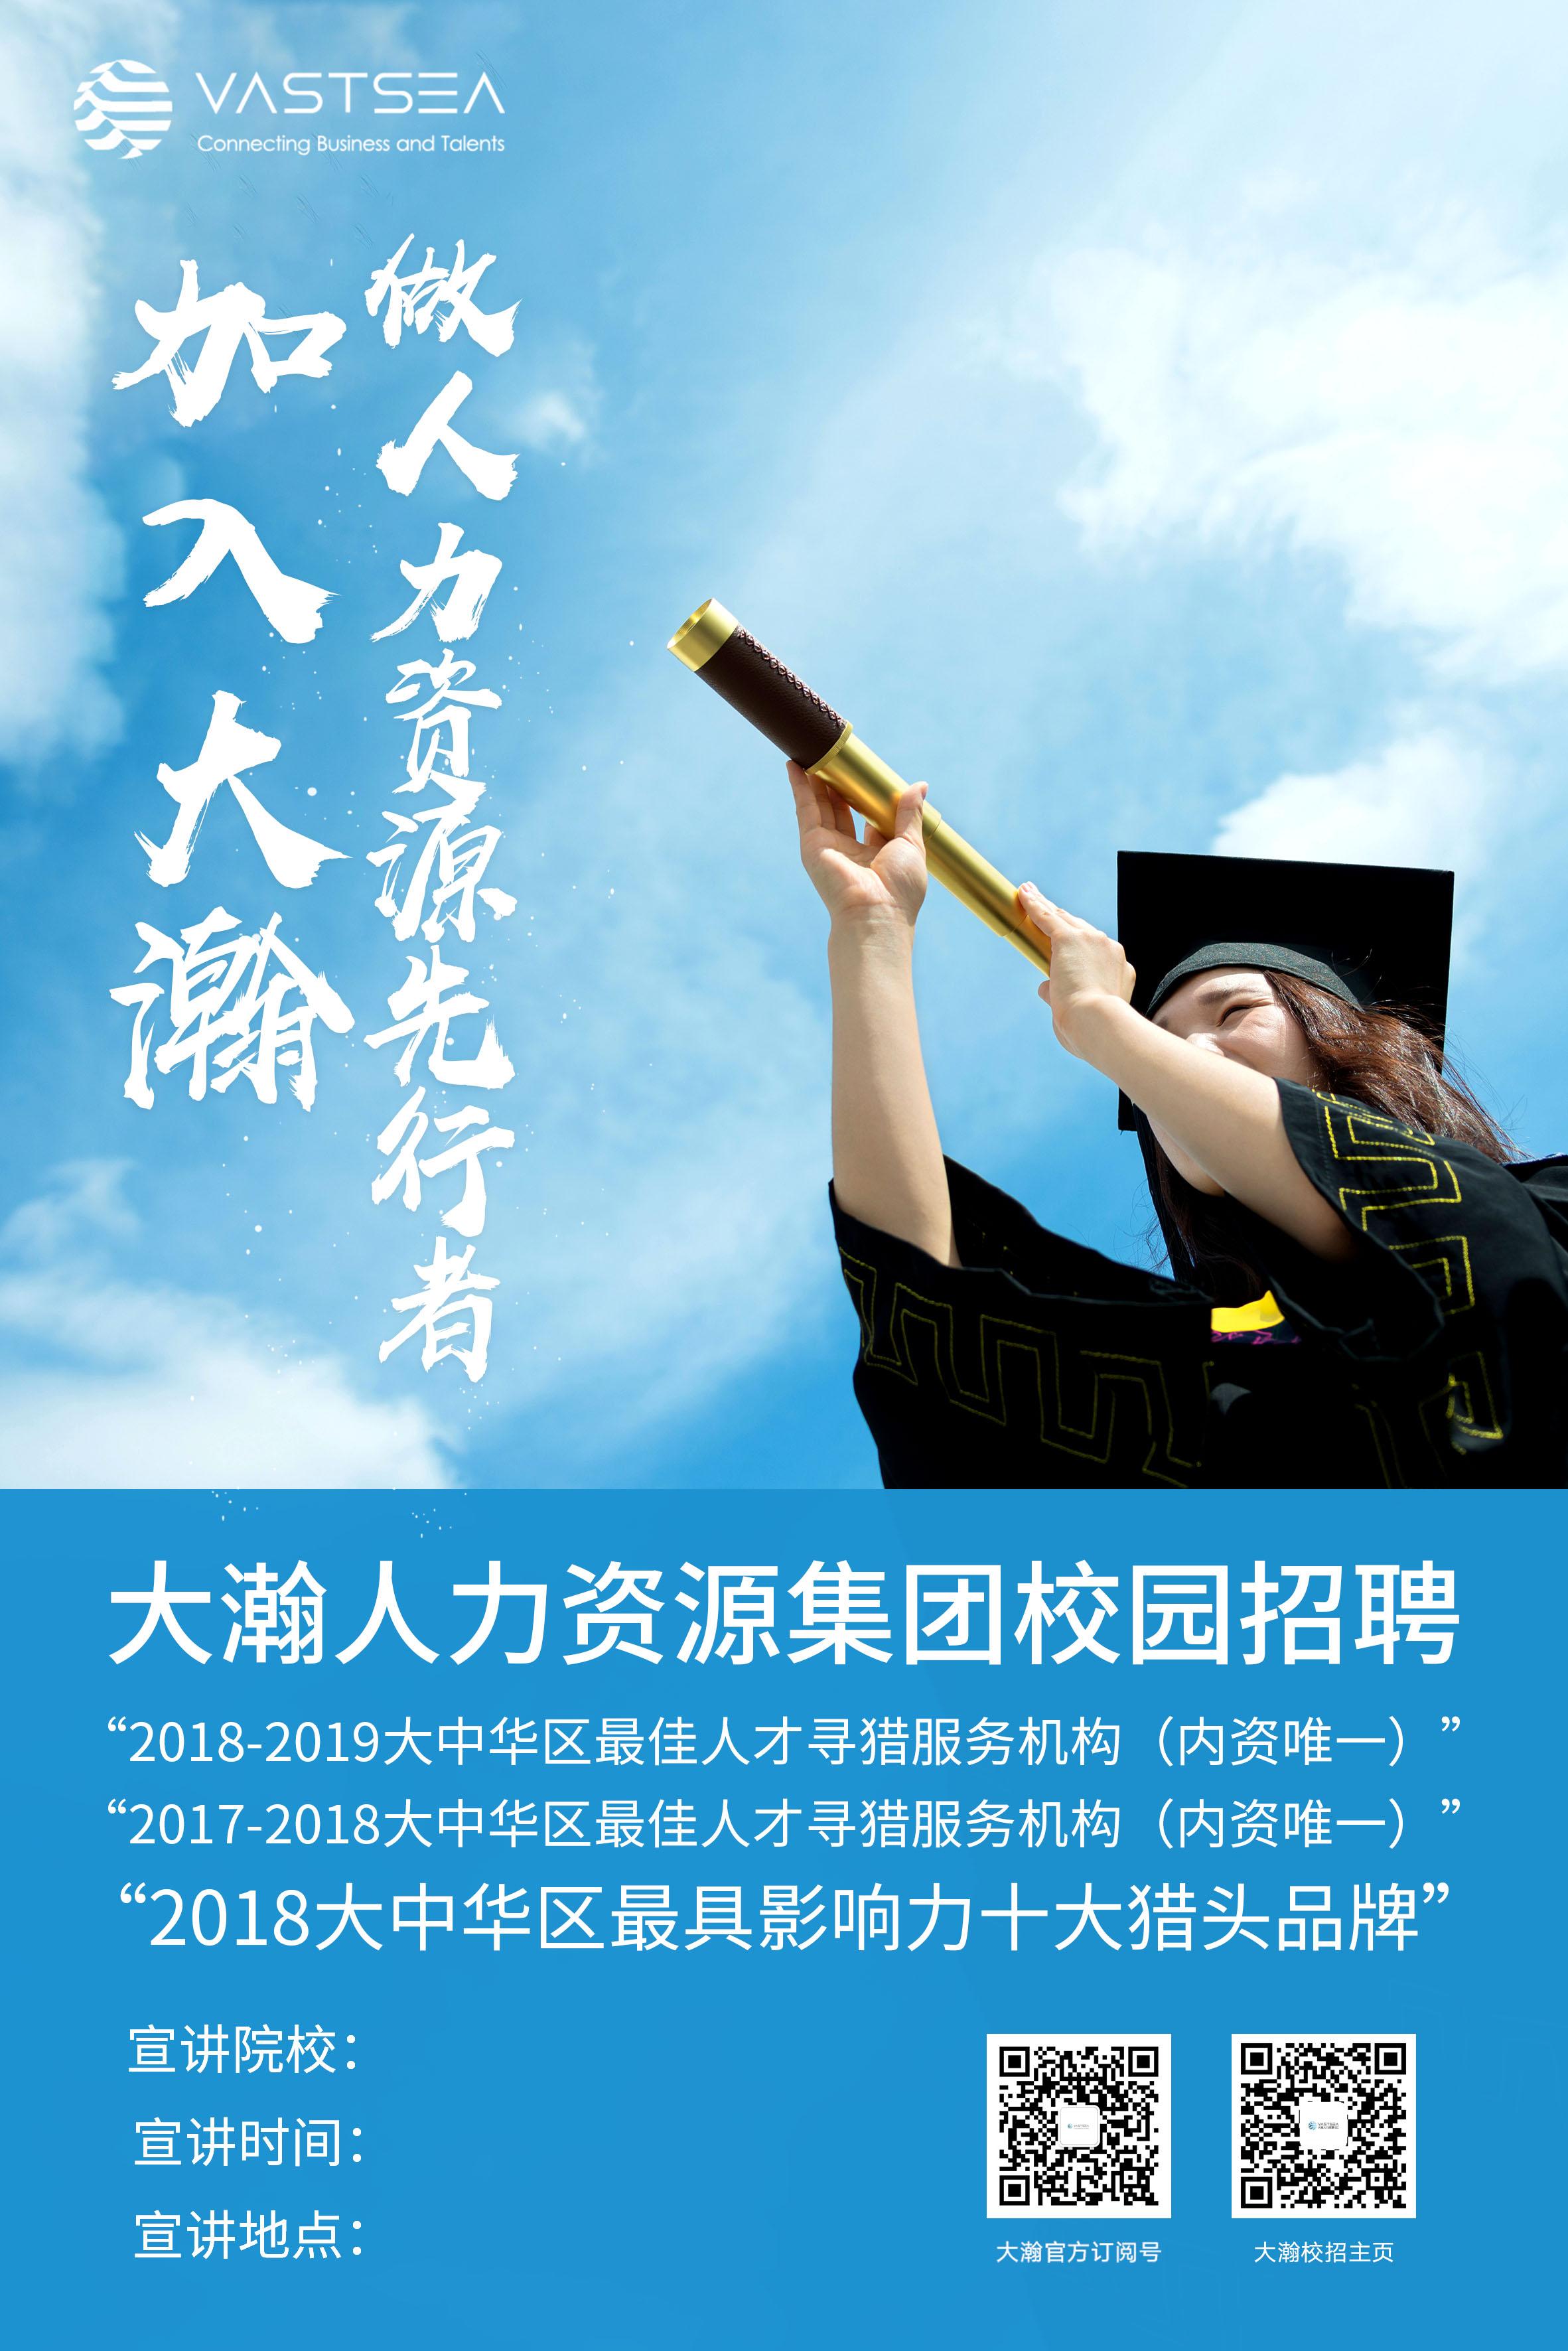 成都新大瀚人力资源管理有限公司广州分公司宣讲会